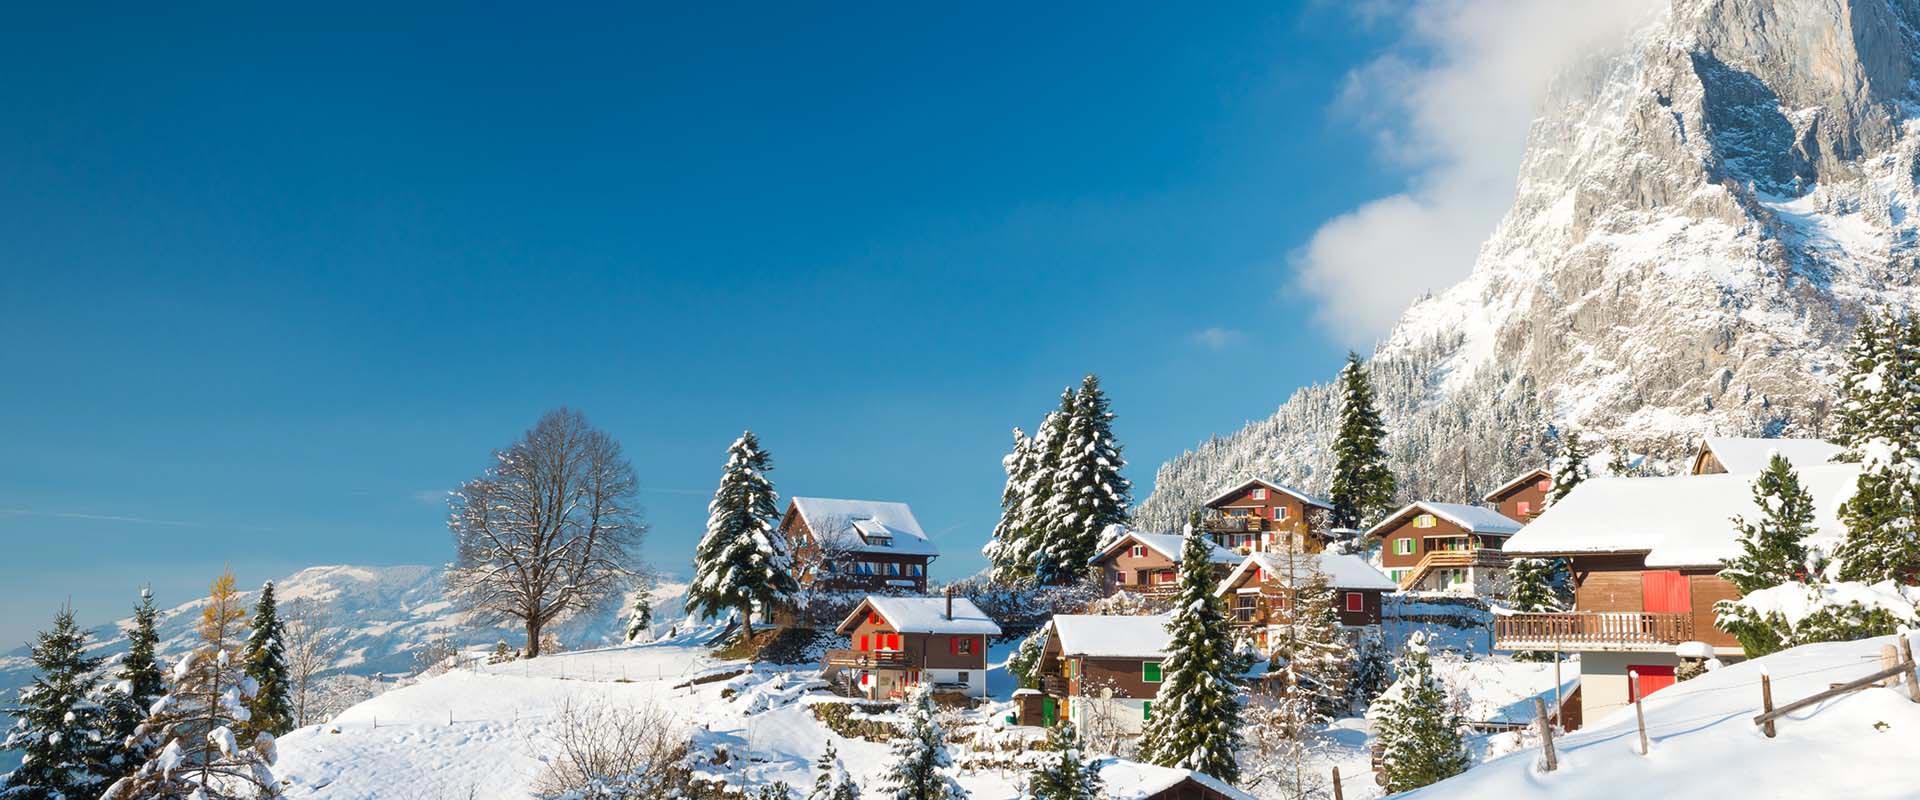 Feiertage Im Kanton Schwyz